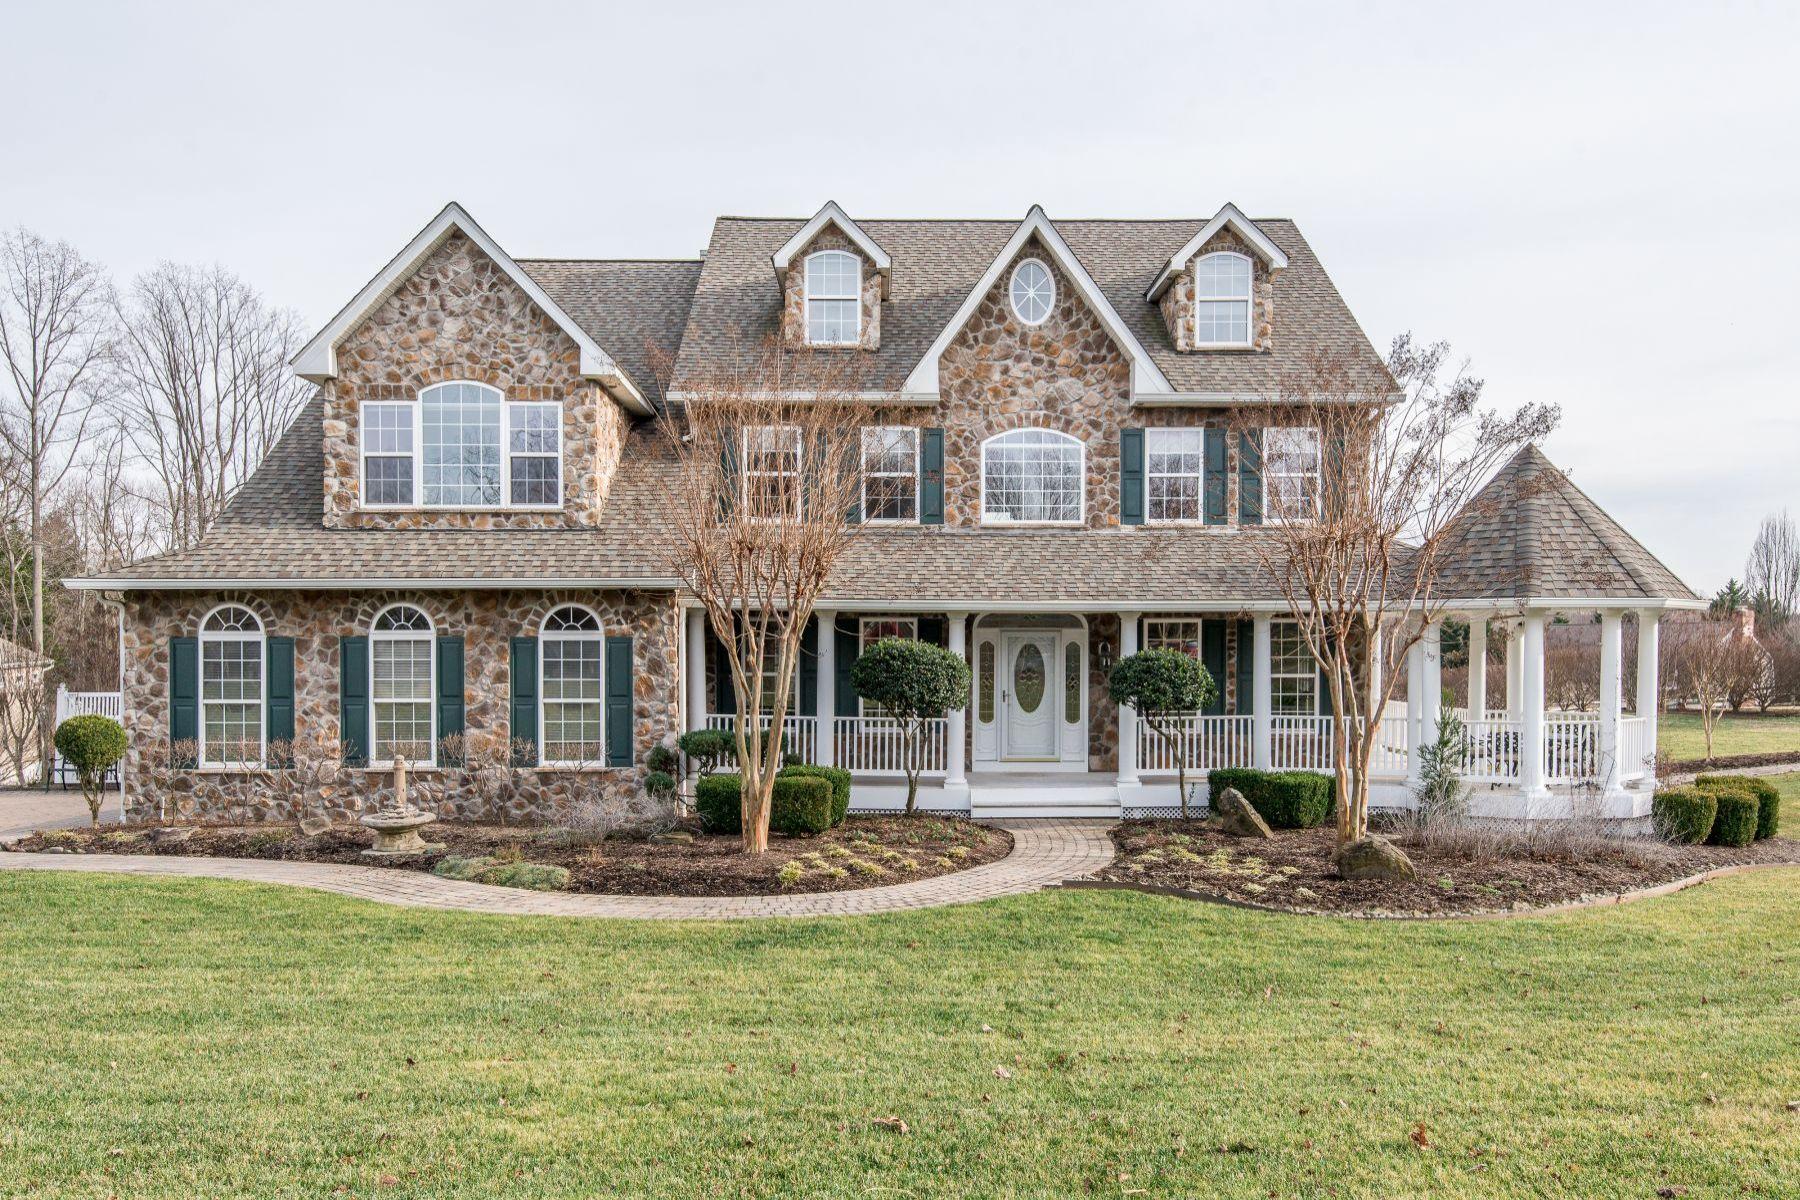 獨棟家庭住宅 為 出售 在 17 Harwood Drive, Harwood Harwood, 馬里蘭州 20776 美國